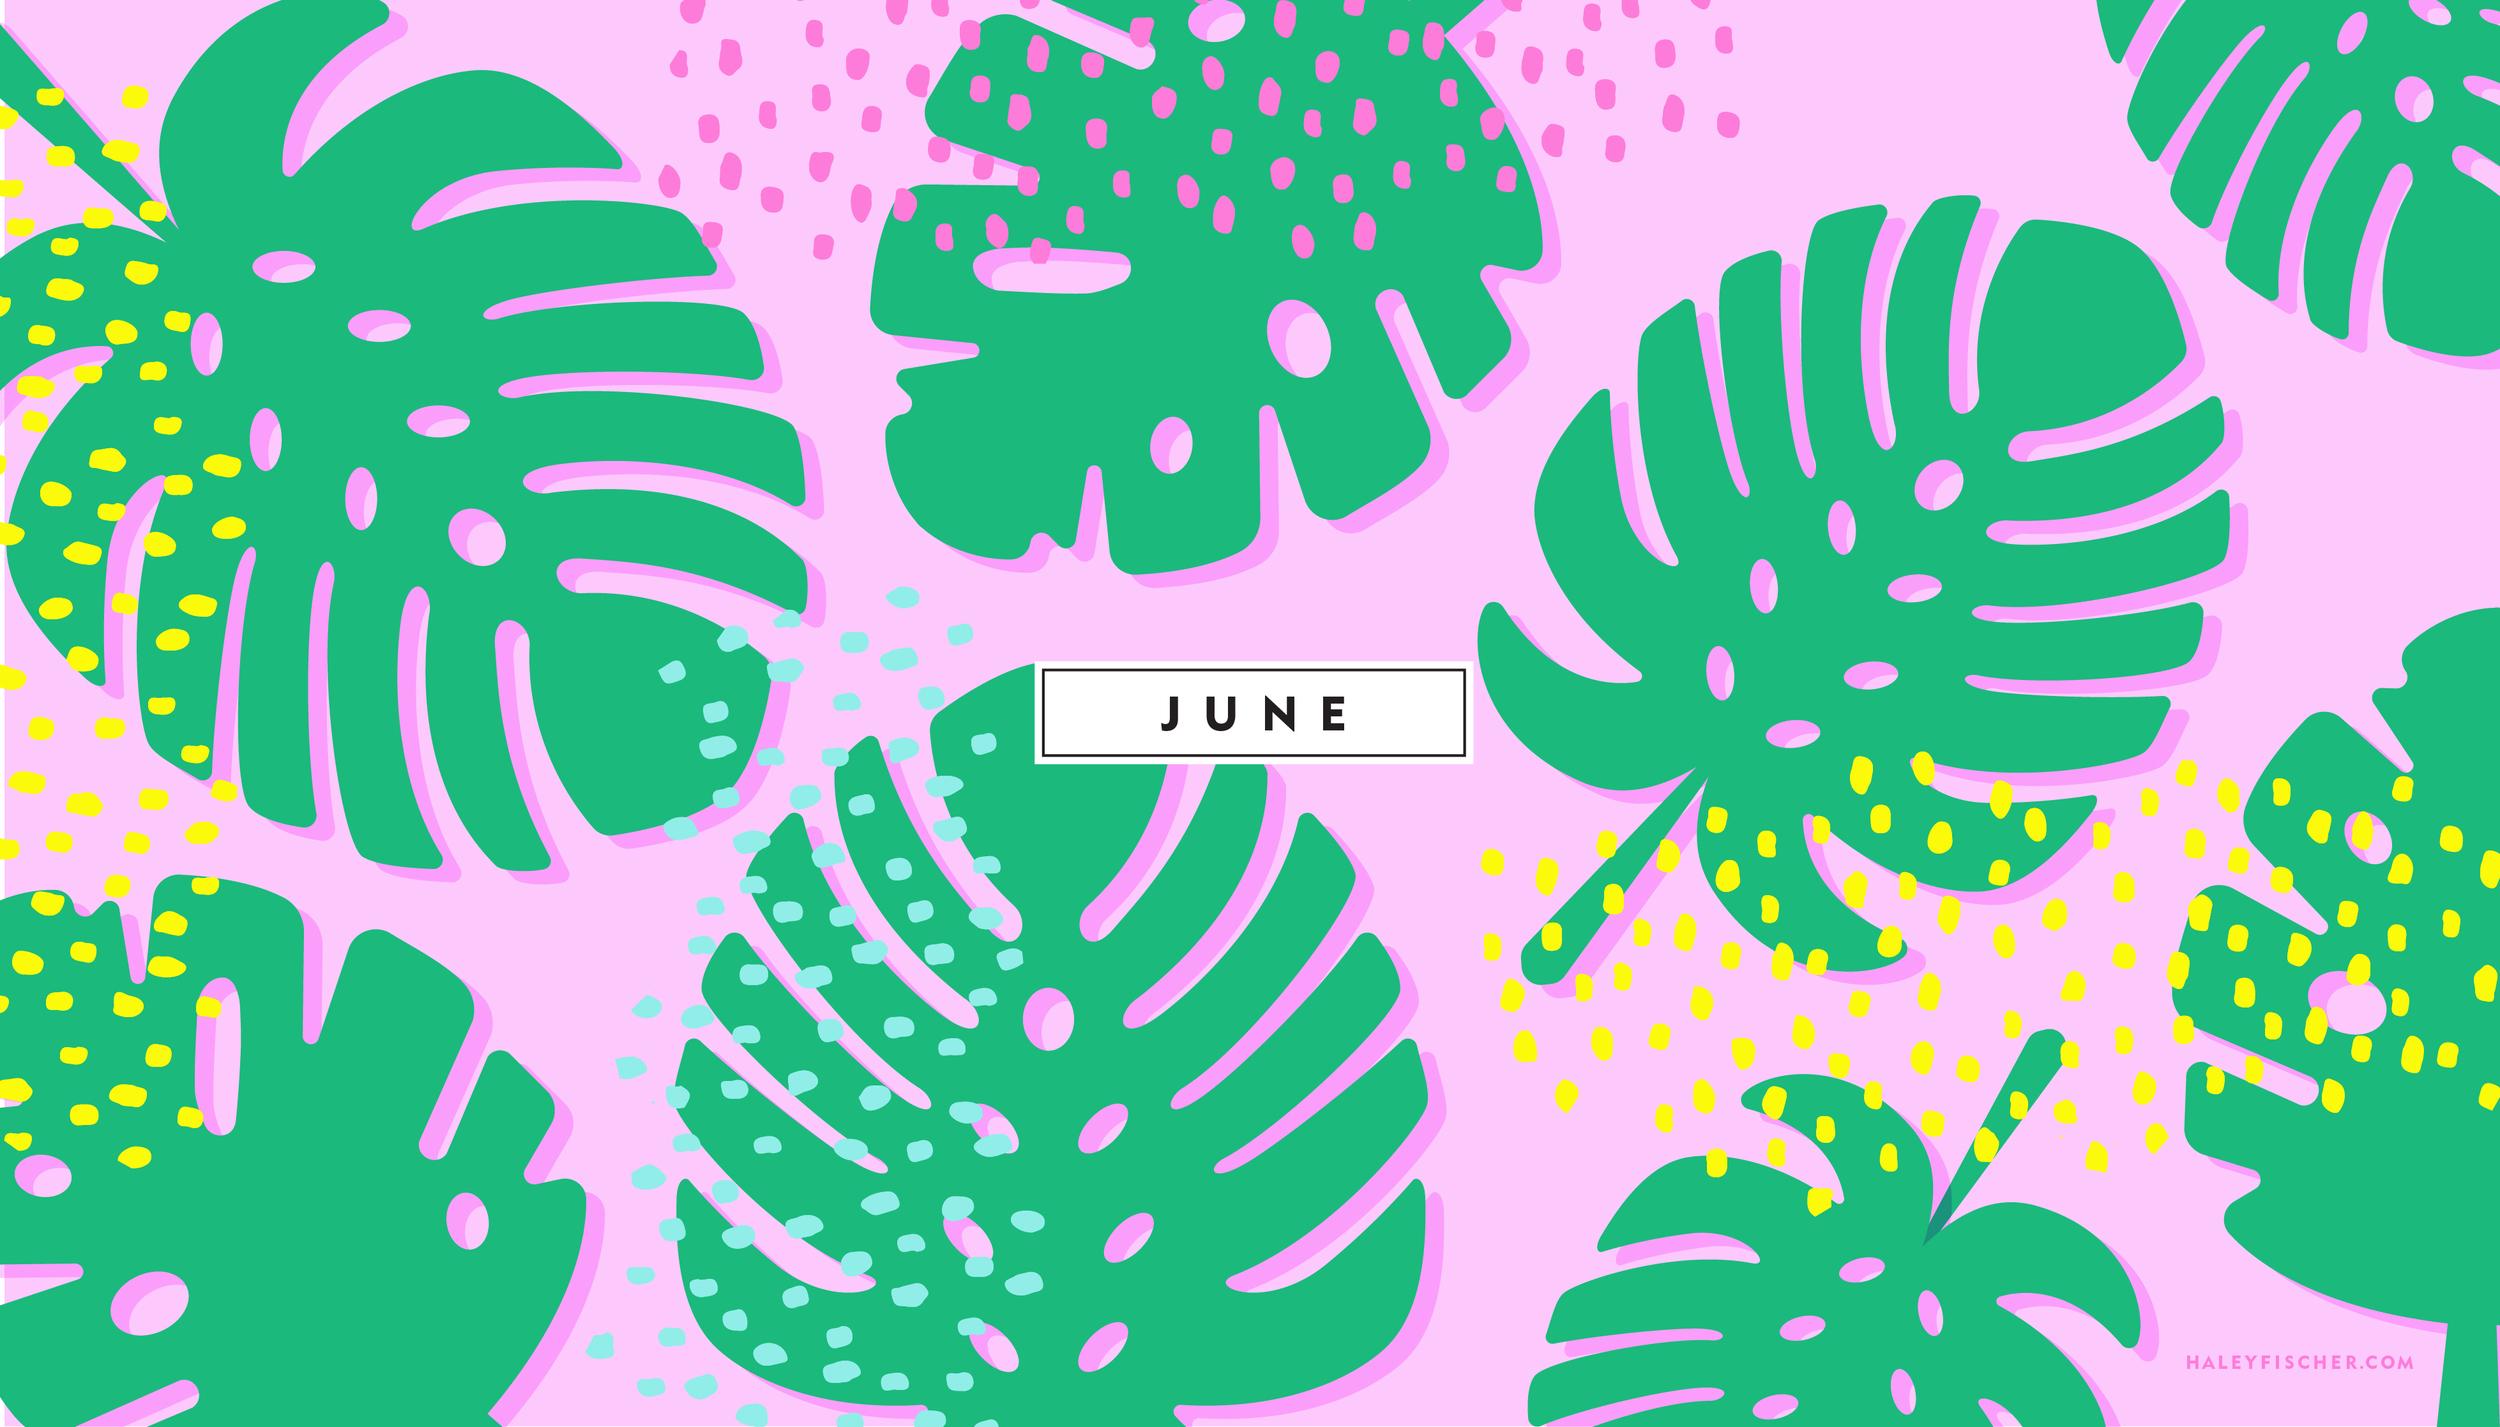 Download June Desktop Wallpaper Here